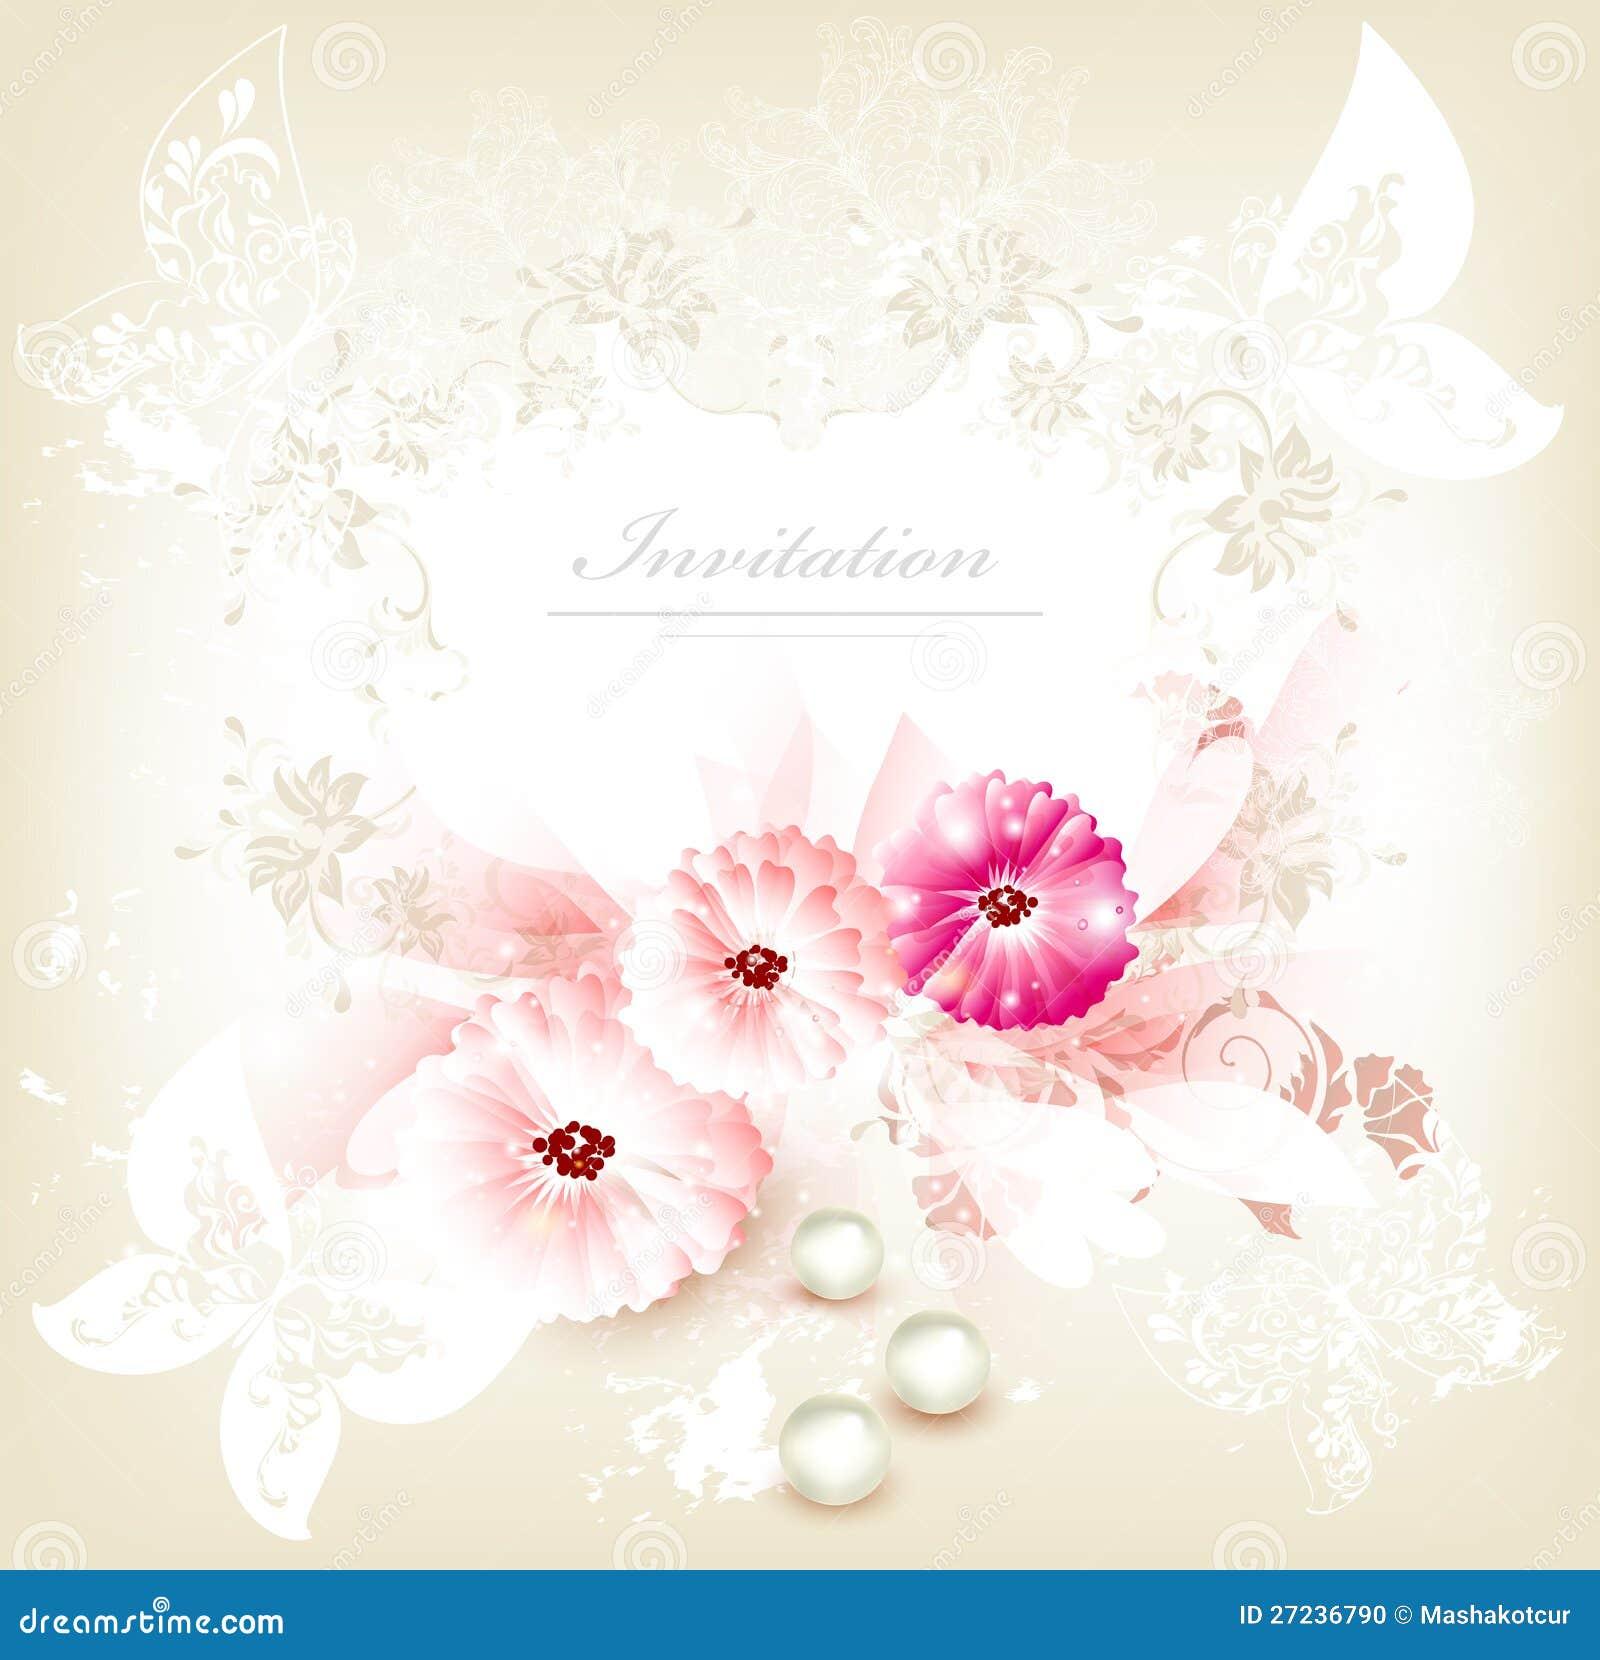 carte de mariage mignonne d 39 invitation avec des fleurs photo stock image 27236790. Black Bedroom Furniture Sets. Home Design Ideas